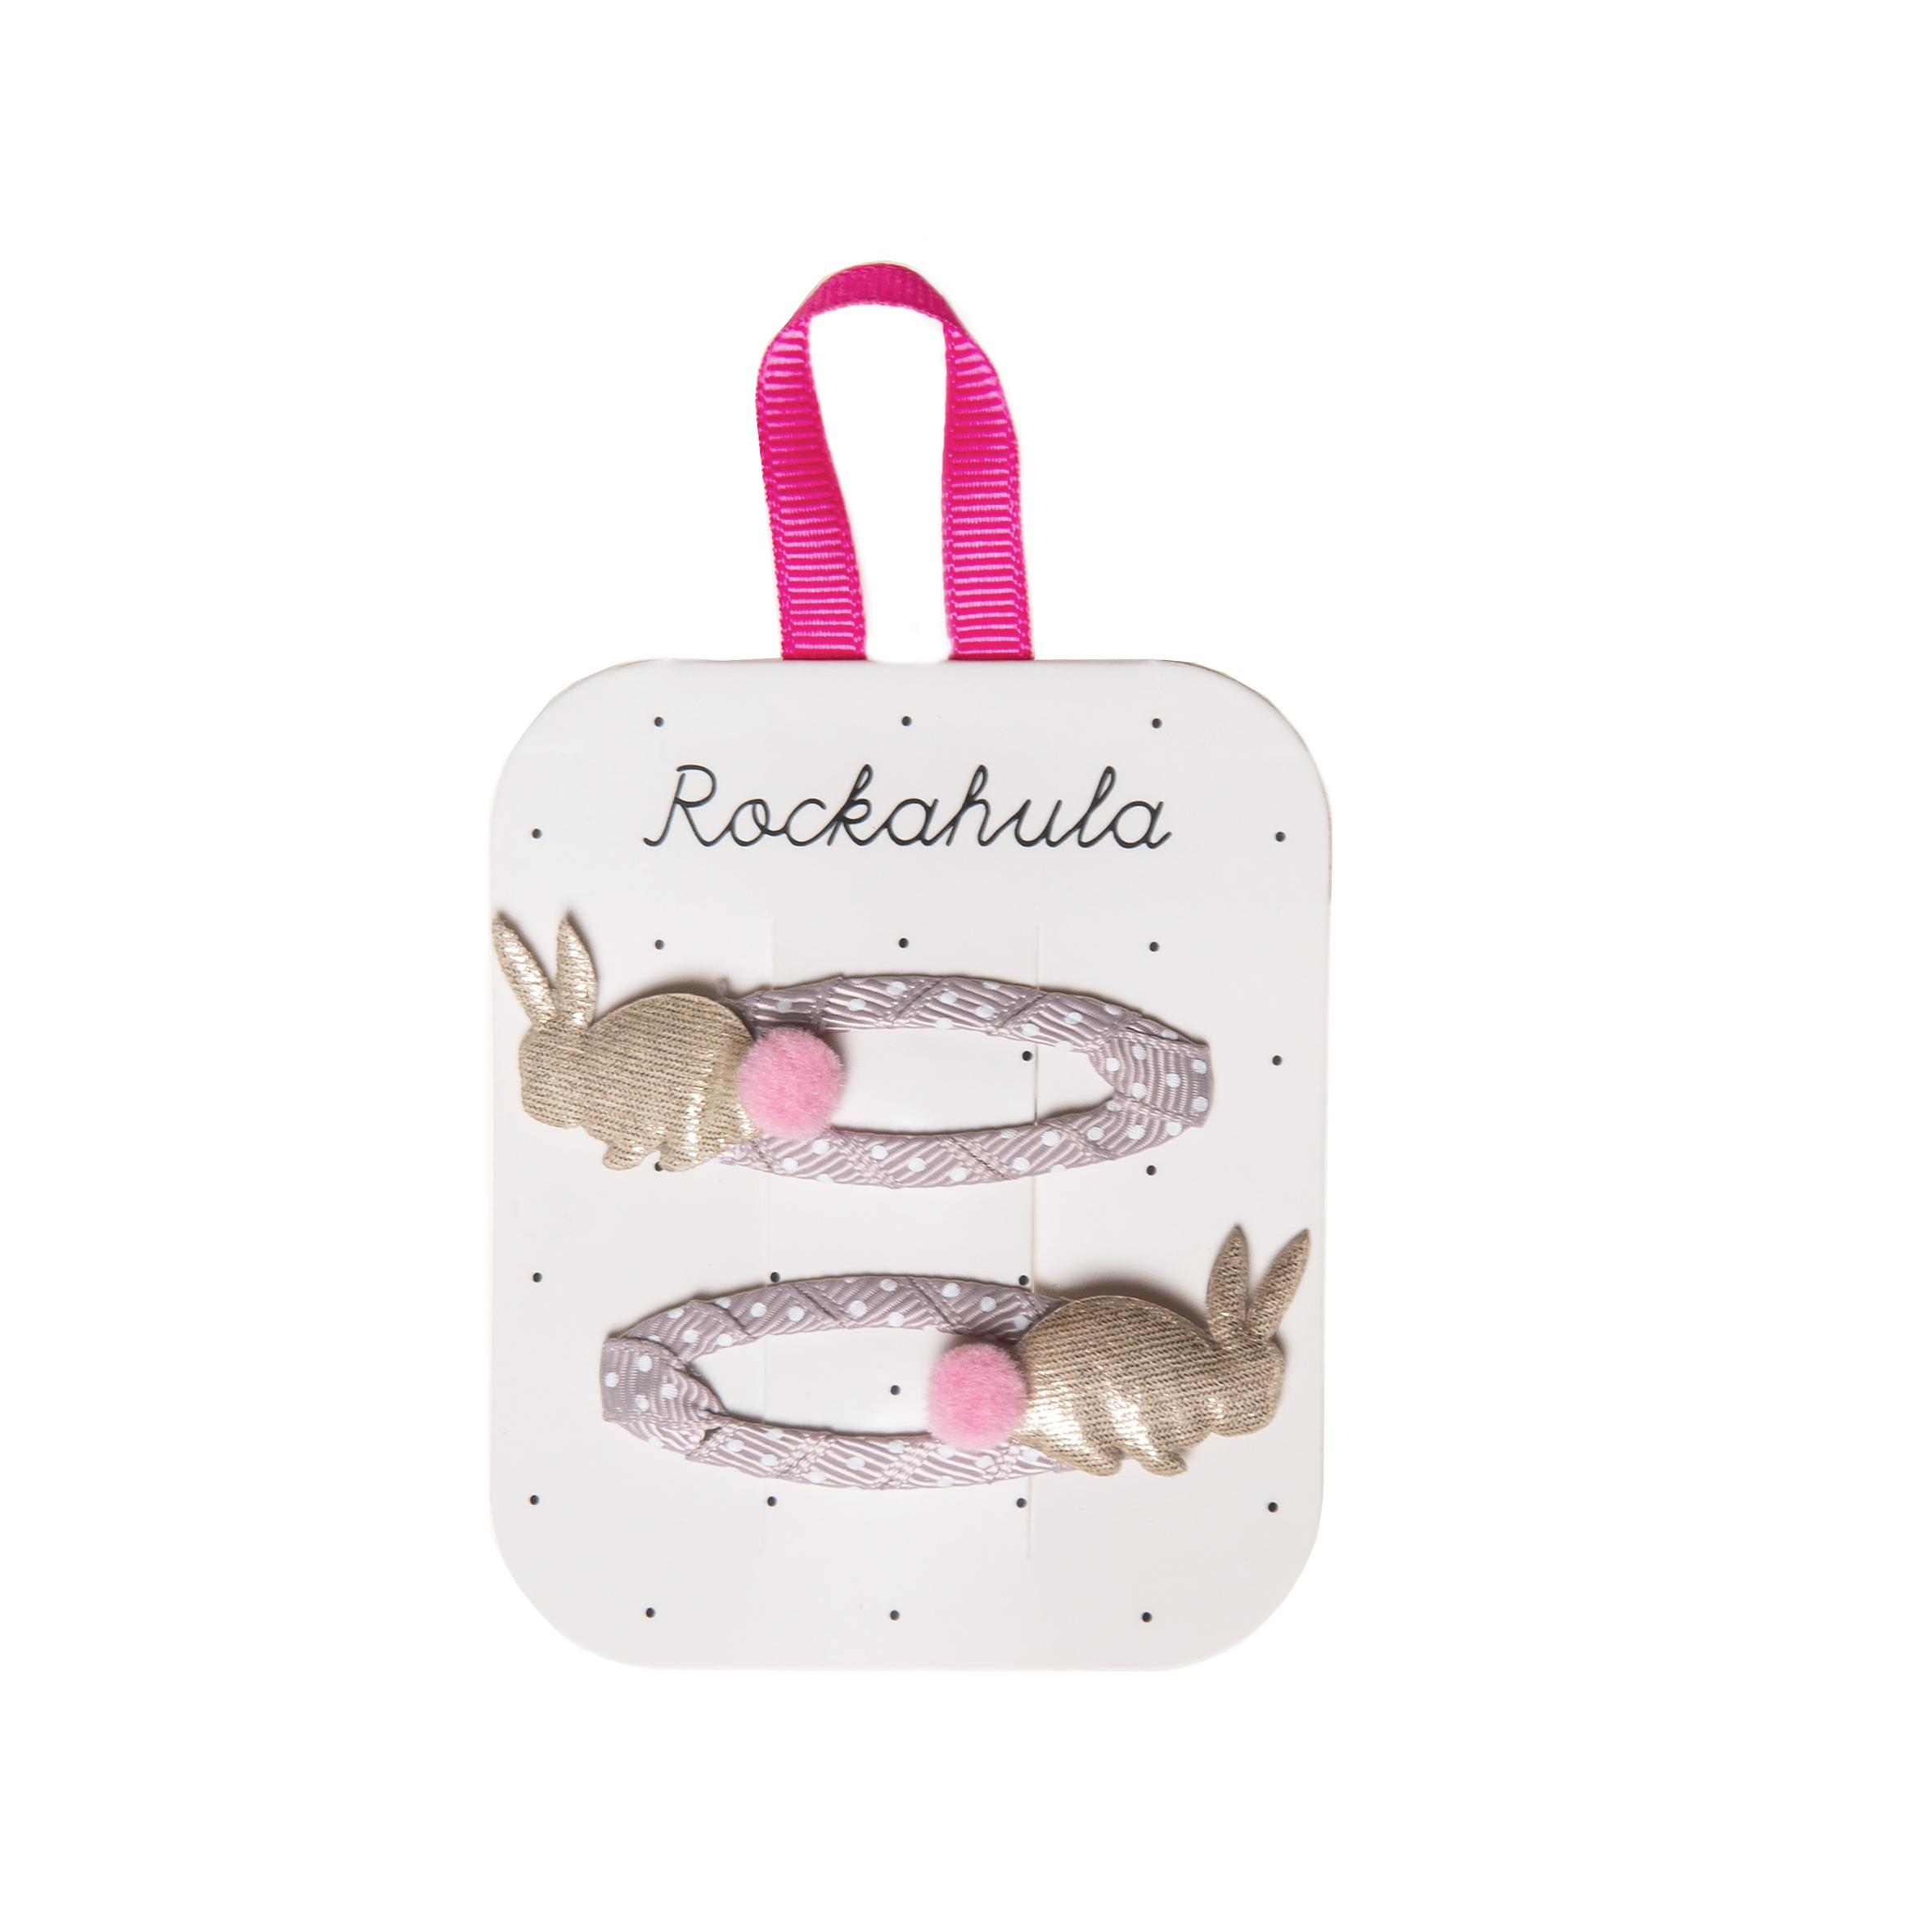 Rockahula Betty Bunny Hop Clips